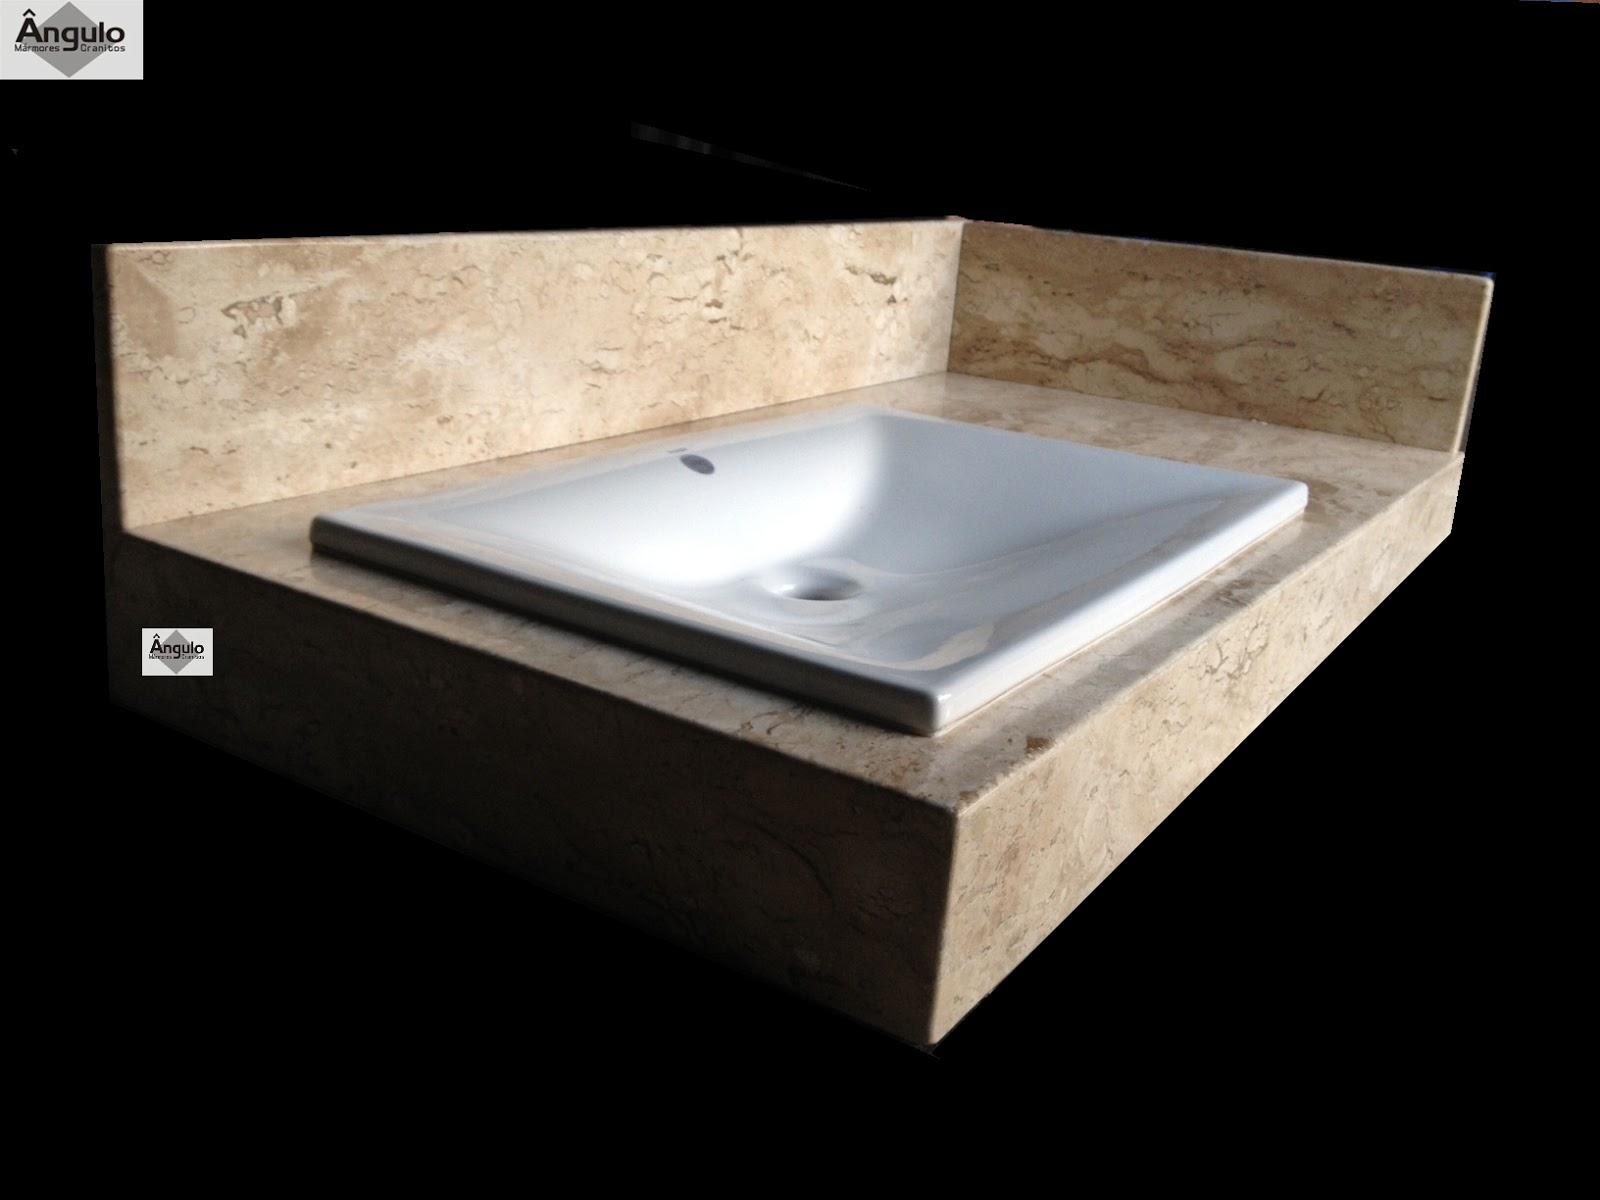 Ângulo Mármores e Granitos: Bancada Para Banheiro Bege Bahia #856946 1600x1200 Bancada De Banheiro Marmore Bege Bahia